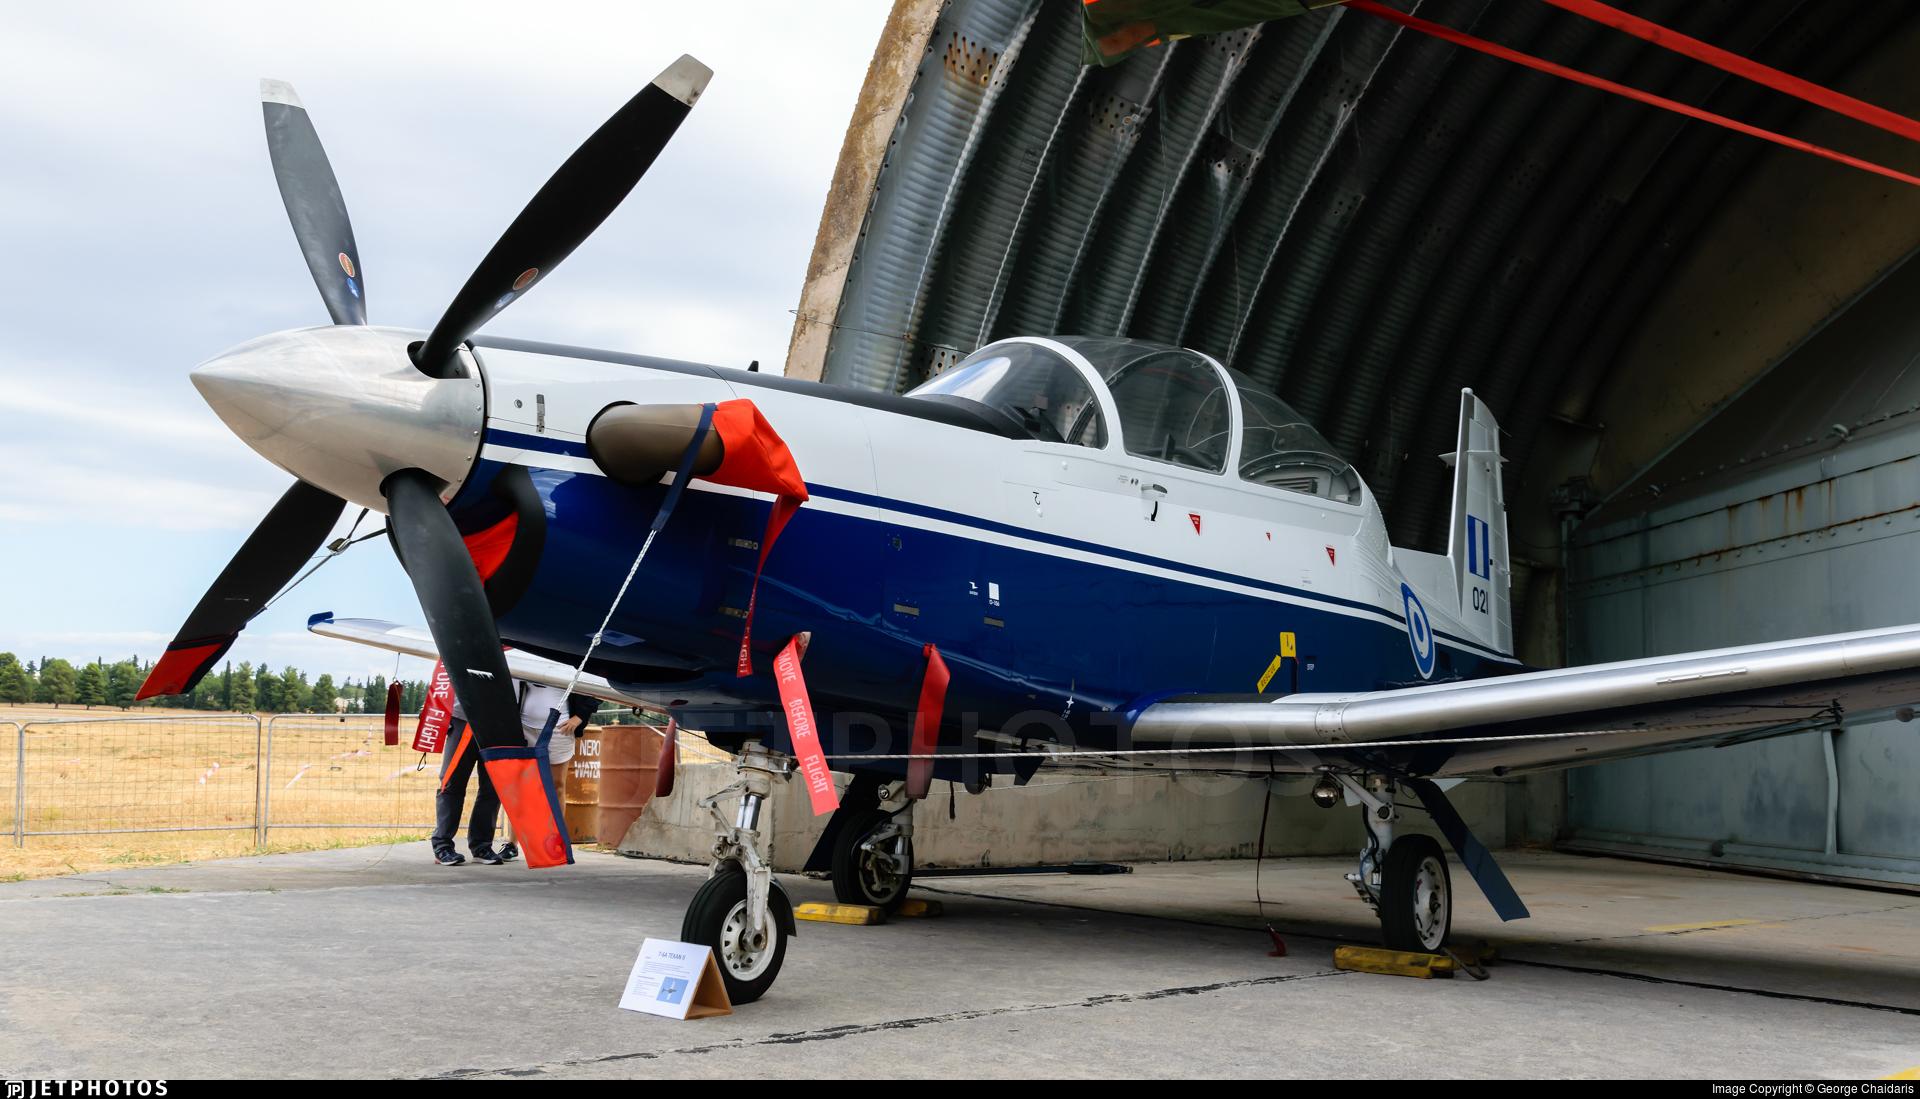 021 - Raytheon T-6A Texan II - Greece - Air Force